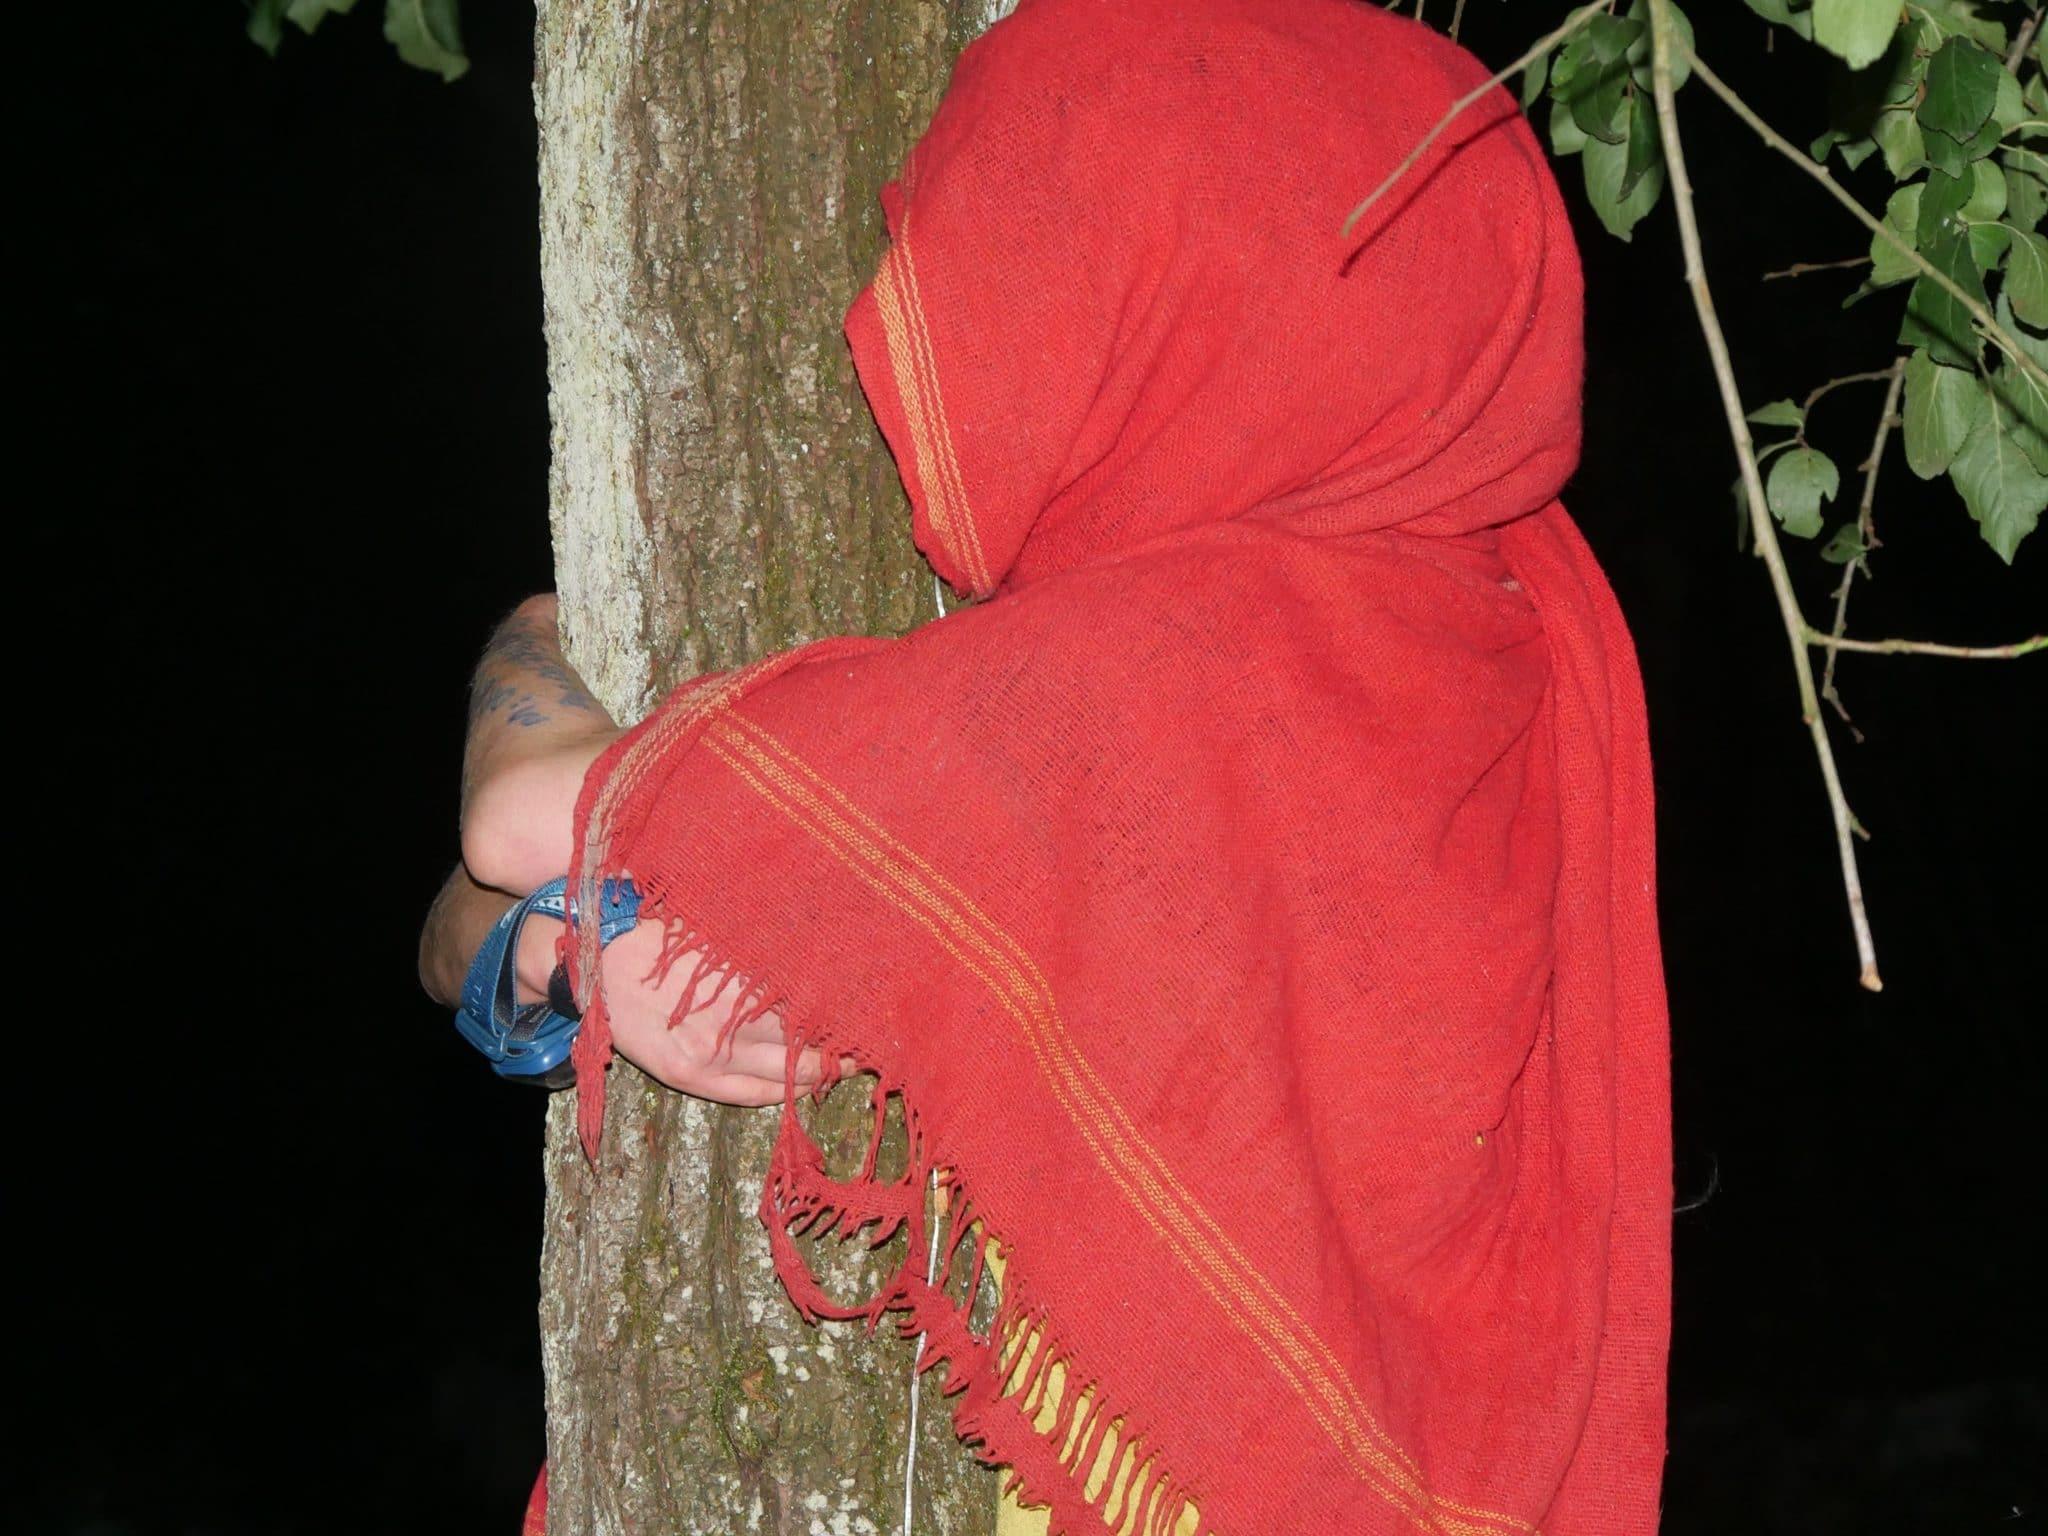 Des militants opposés au GCO ont tenté de s'accrocher aux arbres (Photo GK / Rue89 Strasbourg / cc)